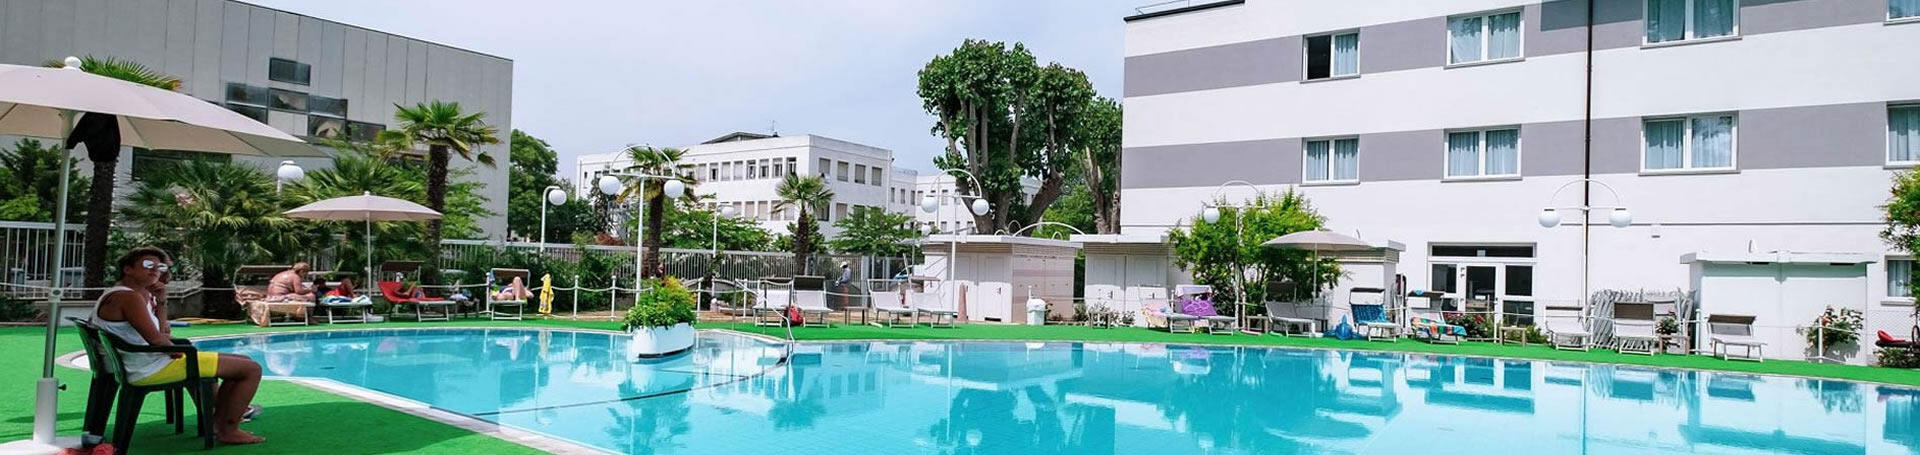 greenvillagecesenatico en hotel-with-pool-cesenatico 009